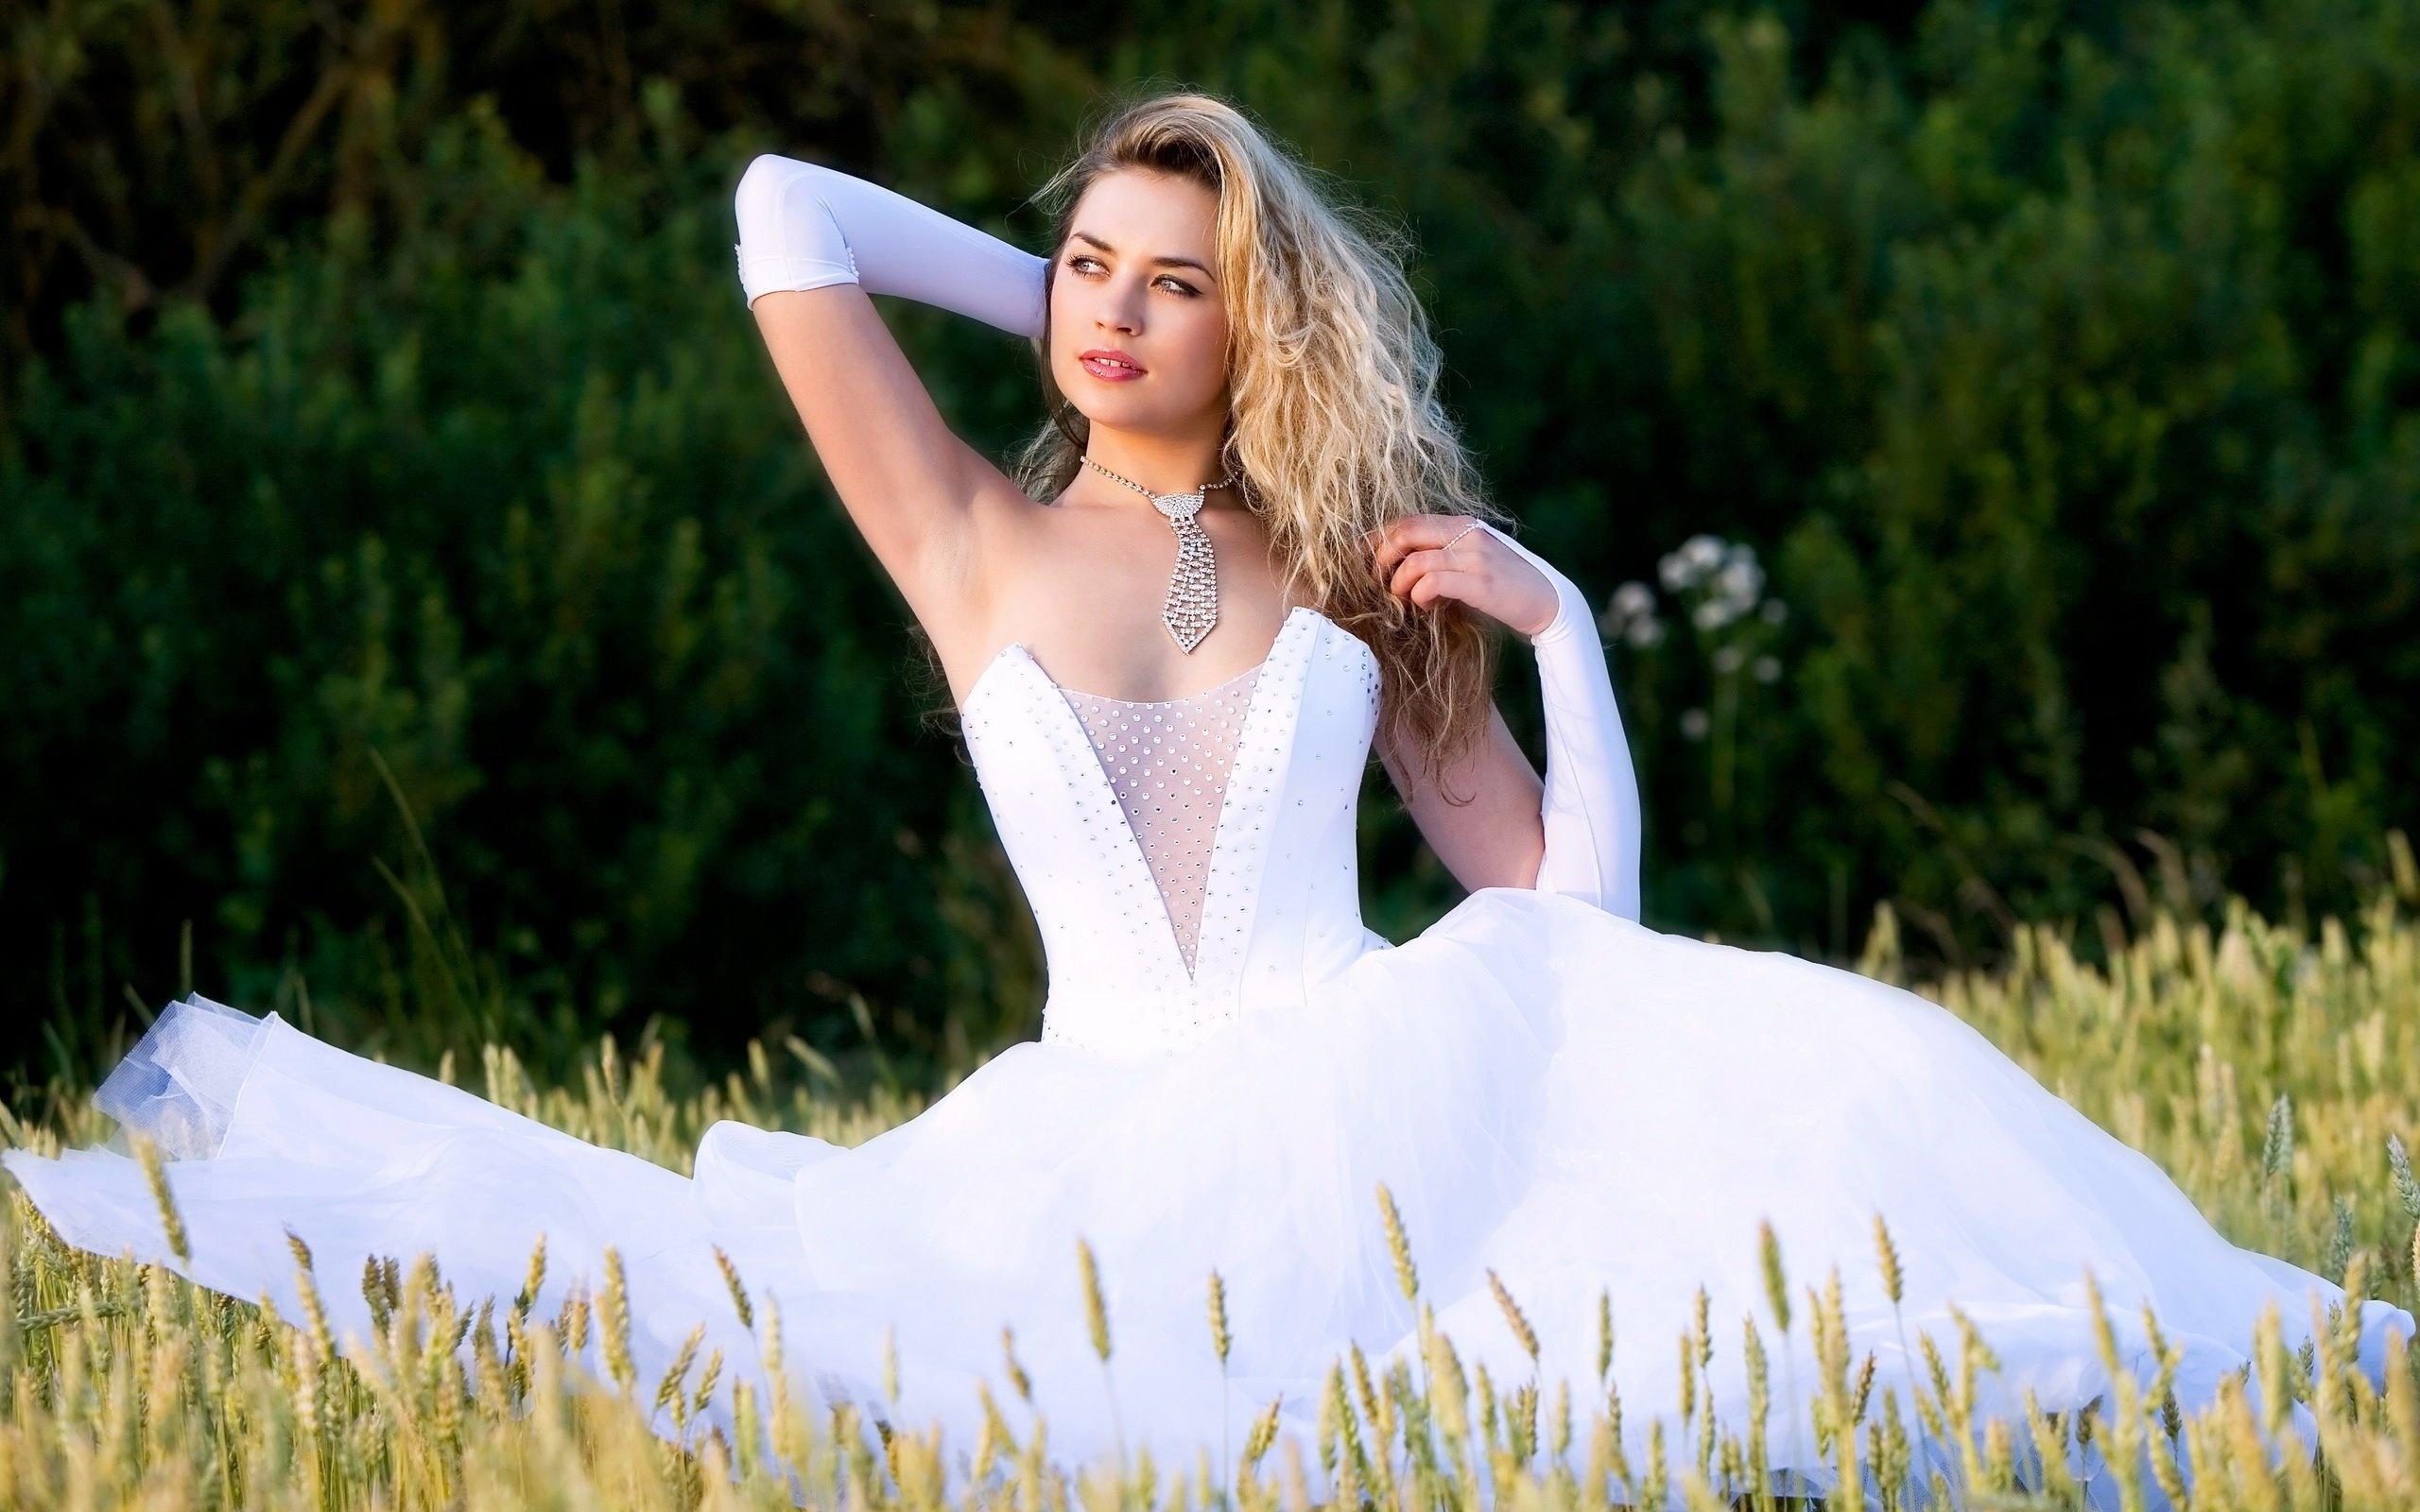 Картинка самая красивая невеста с надписями, открытки сделать поздравления